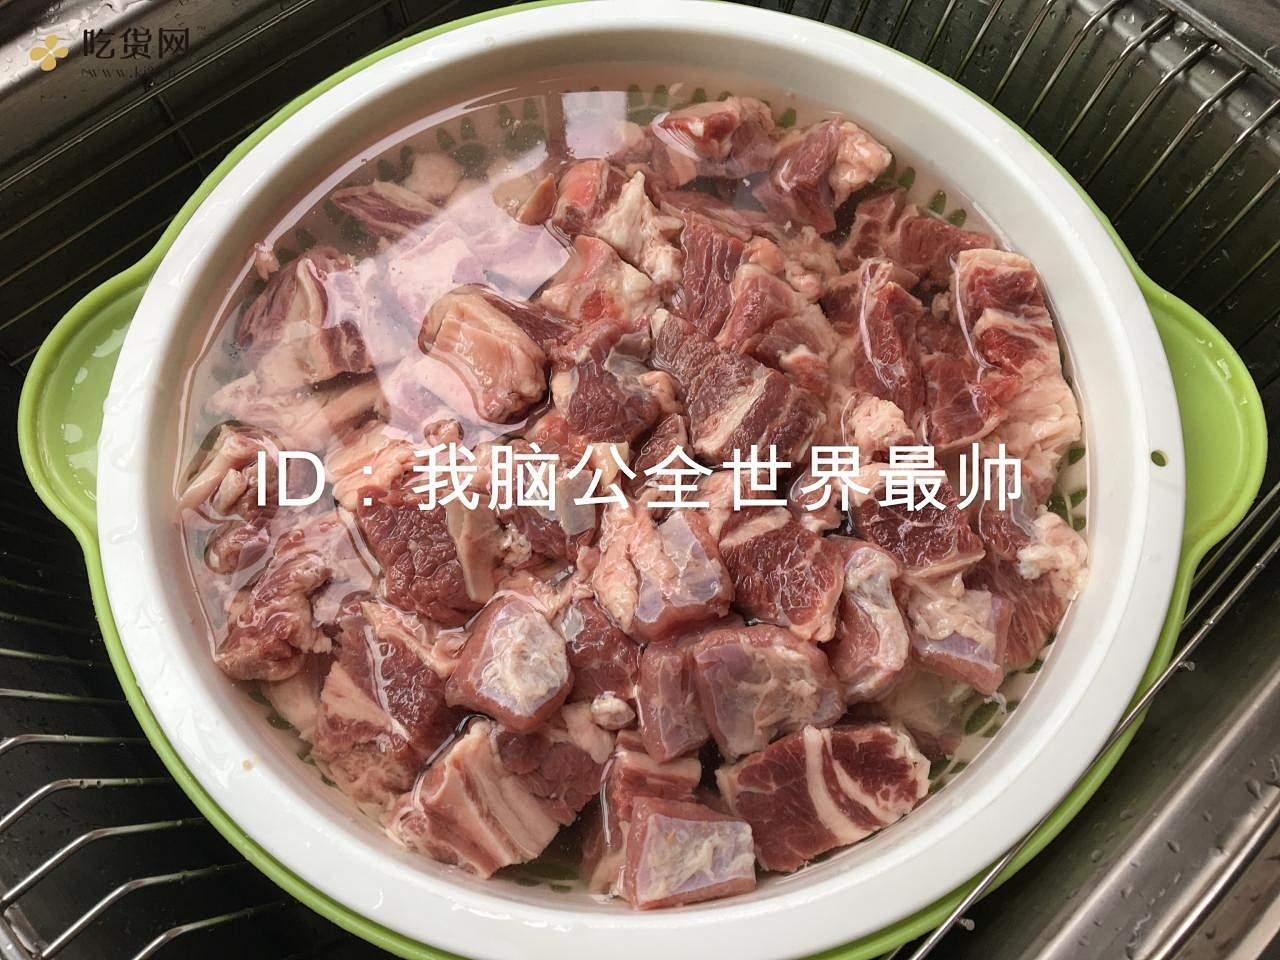 超级无敌好吃的红烧牛肉的做法 步骤3